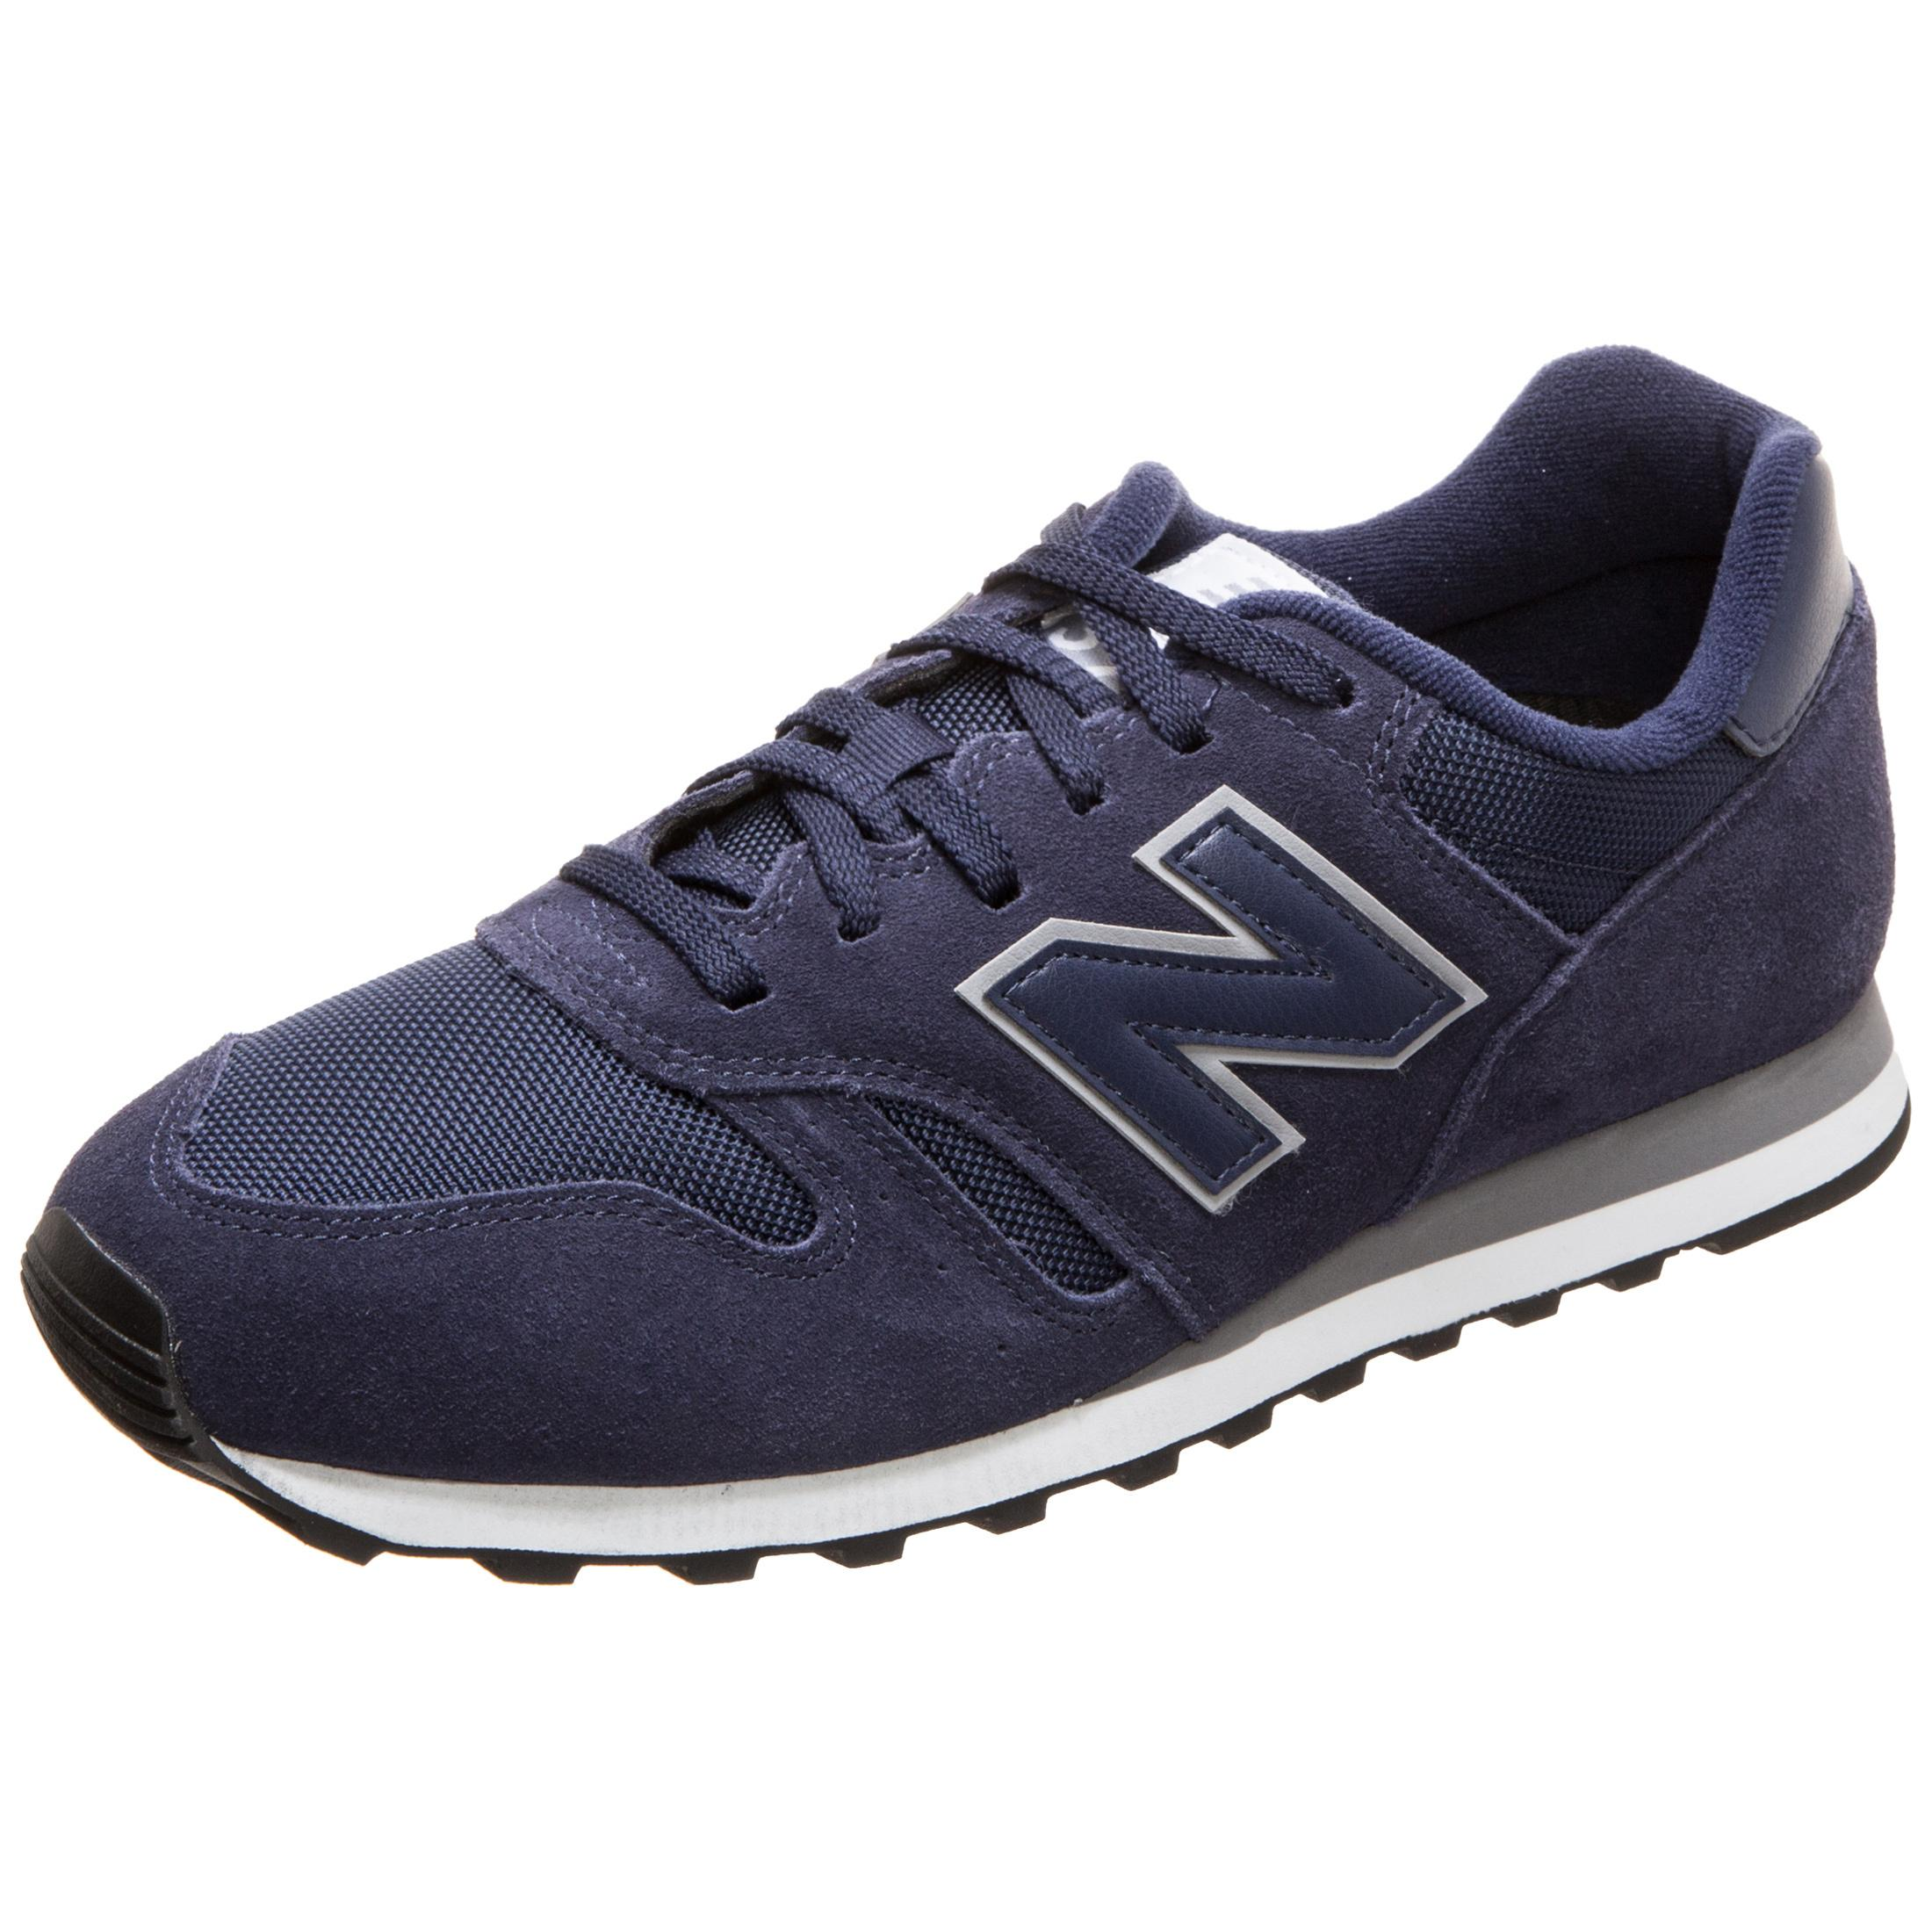 info for 2168b d3d2e NEW BALANCE ML373-NIV-D Sneaker Herren blau / weiß im Online Shop von  SportScheck kaufen